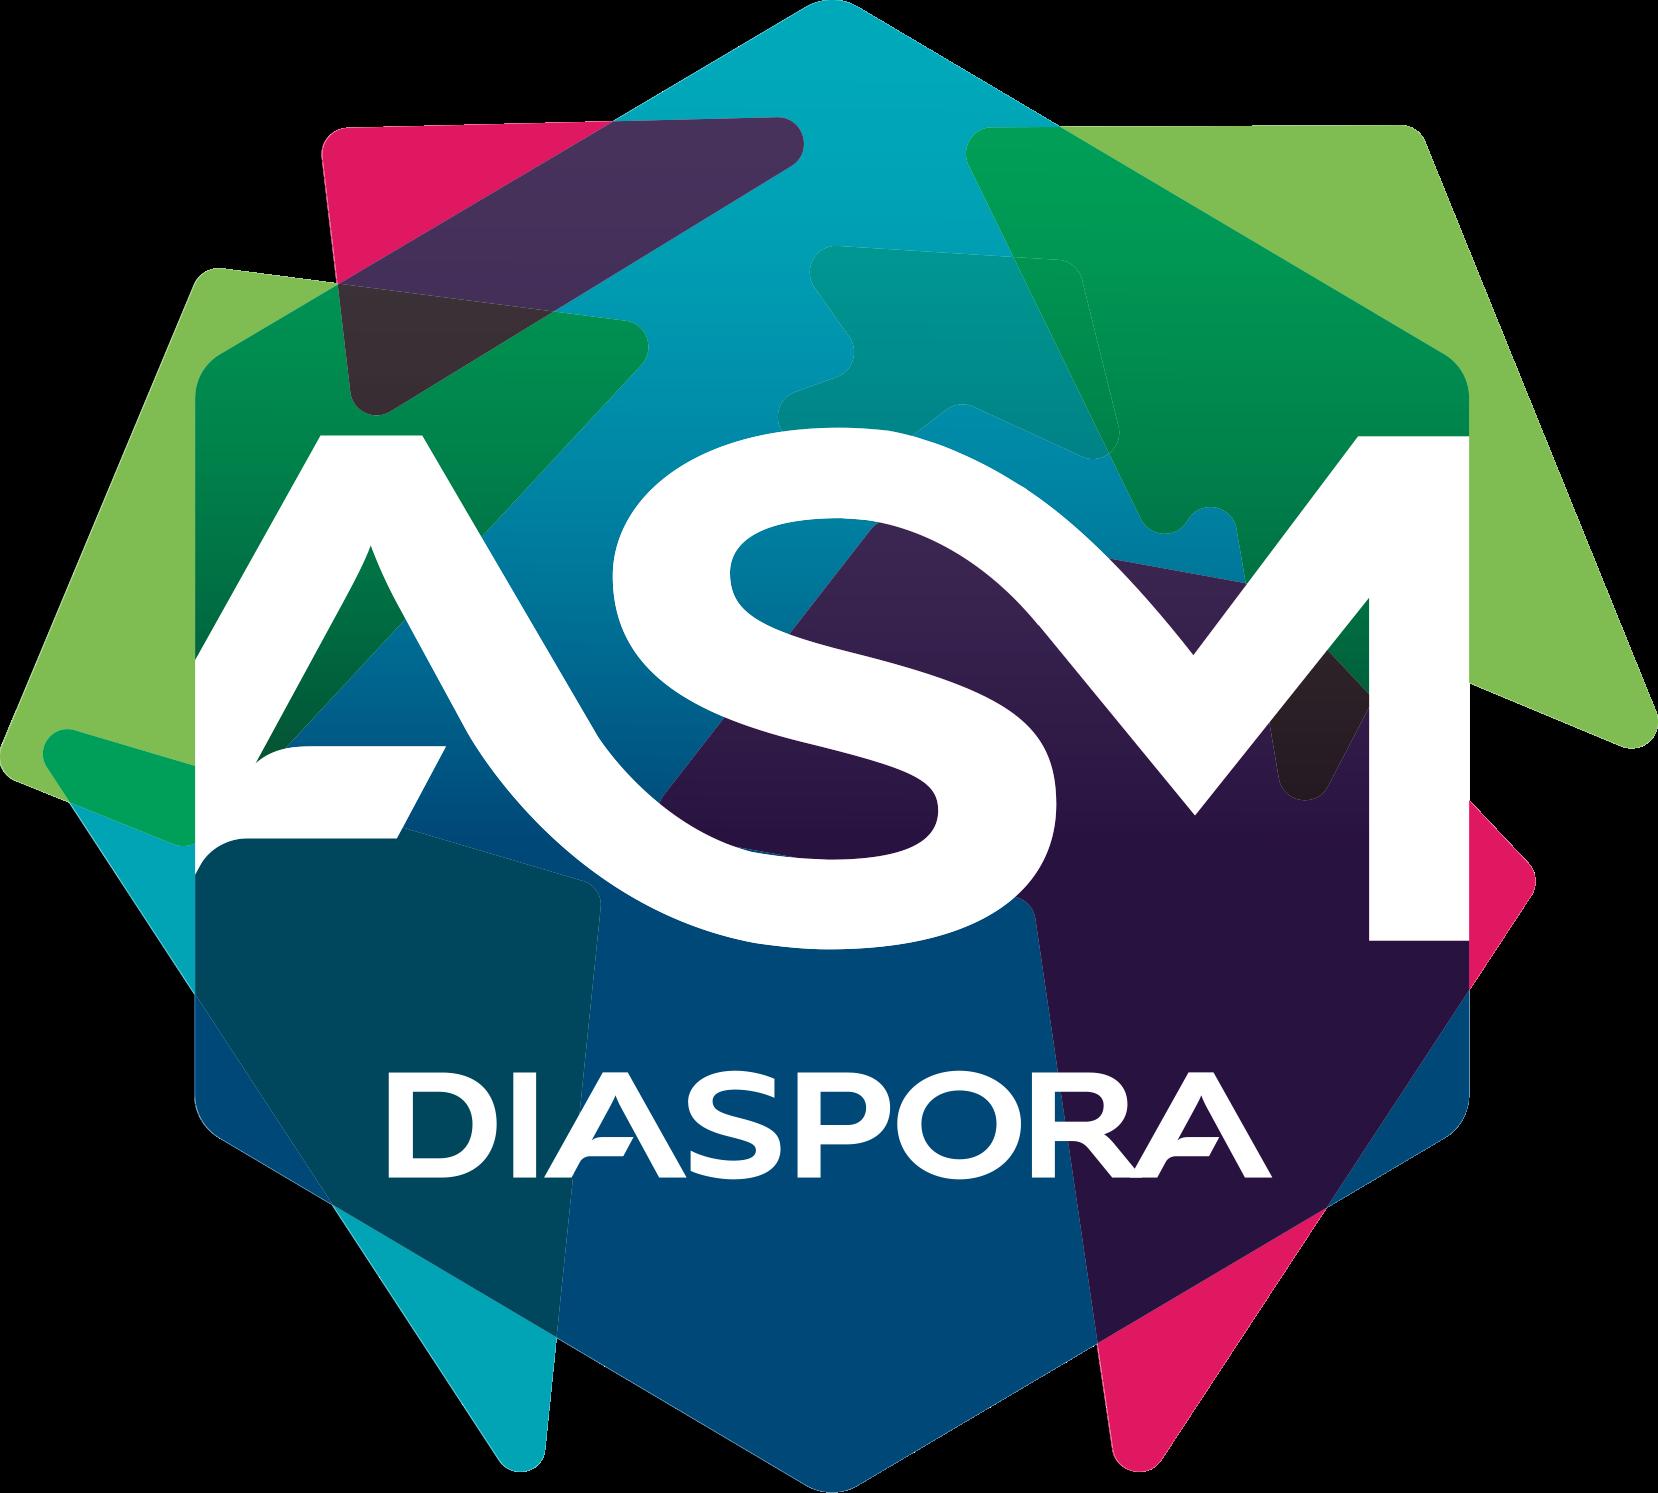 cropped-ASM-DIASPORA